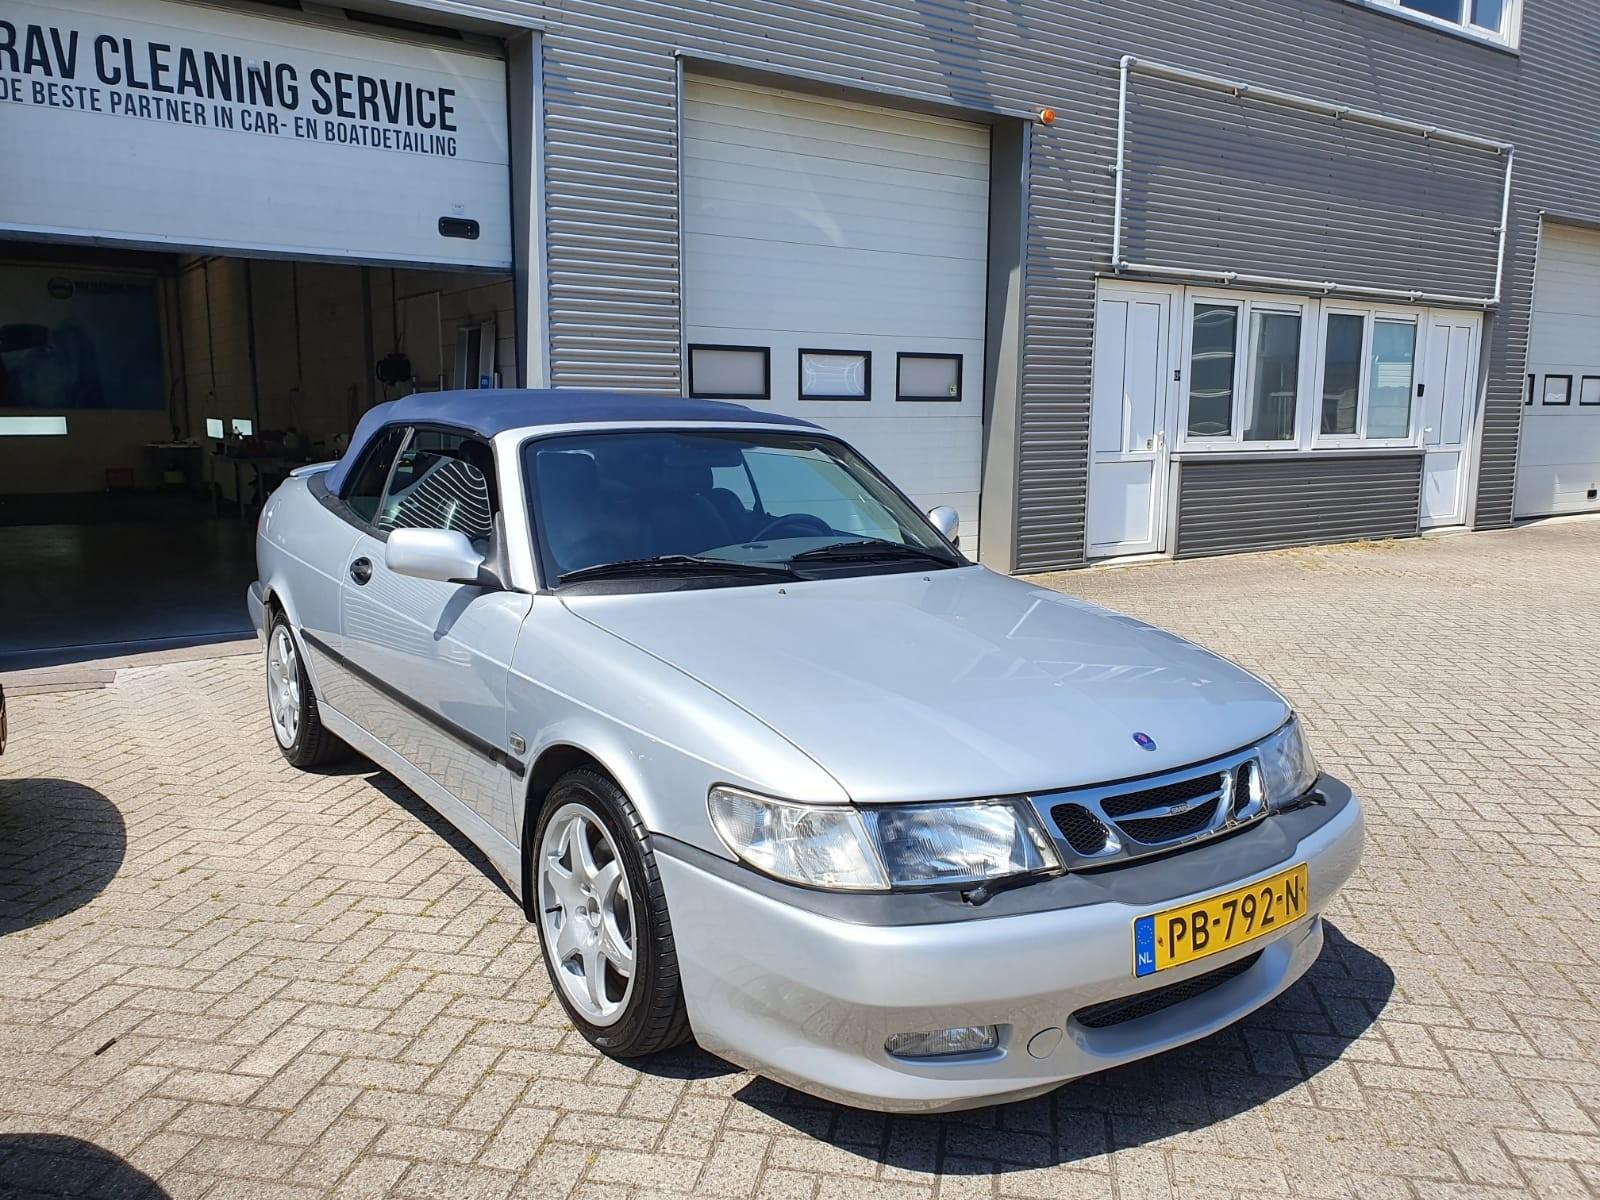 Saab 9-3V1 cabrio Aero grijs 81.000km bouwjaar 1998